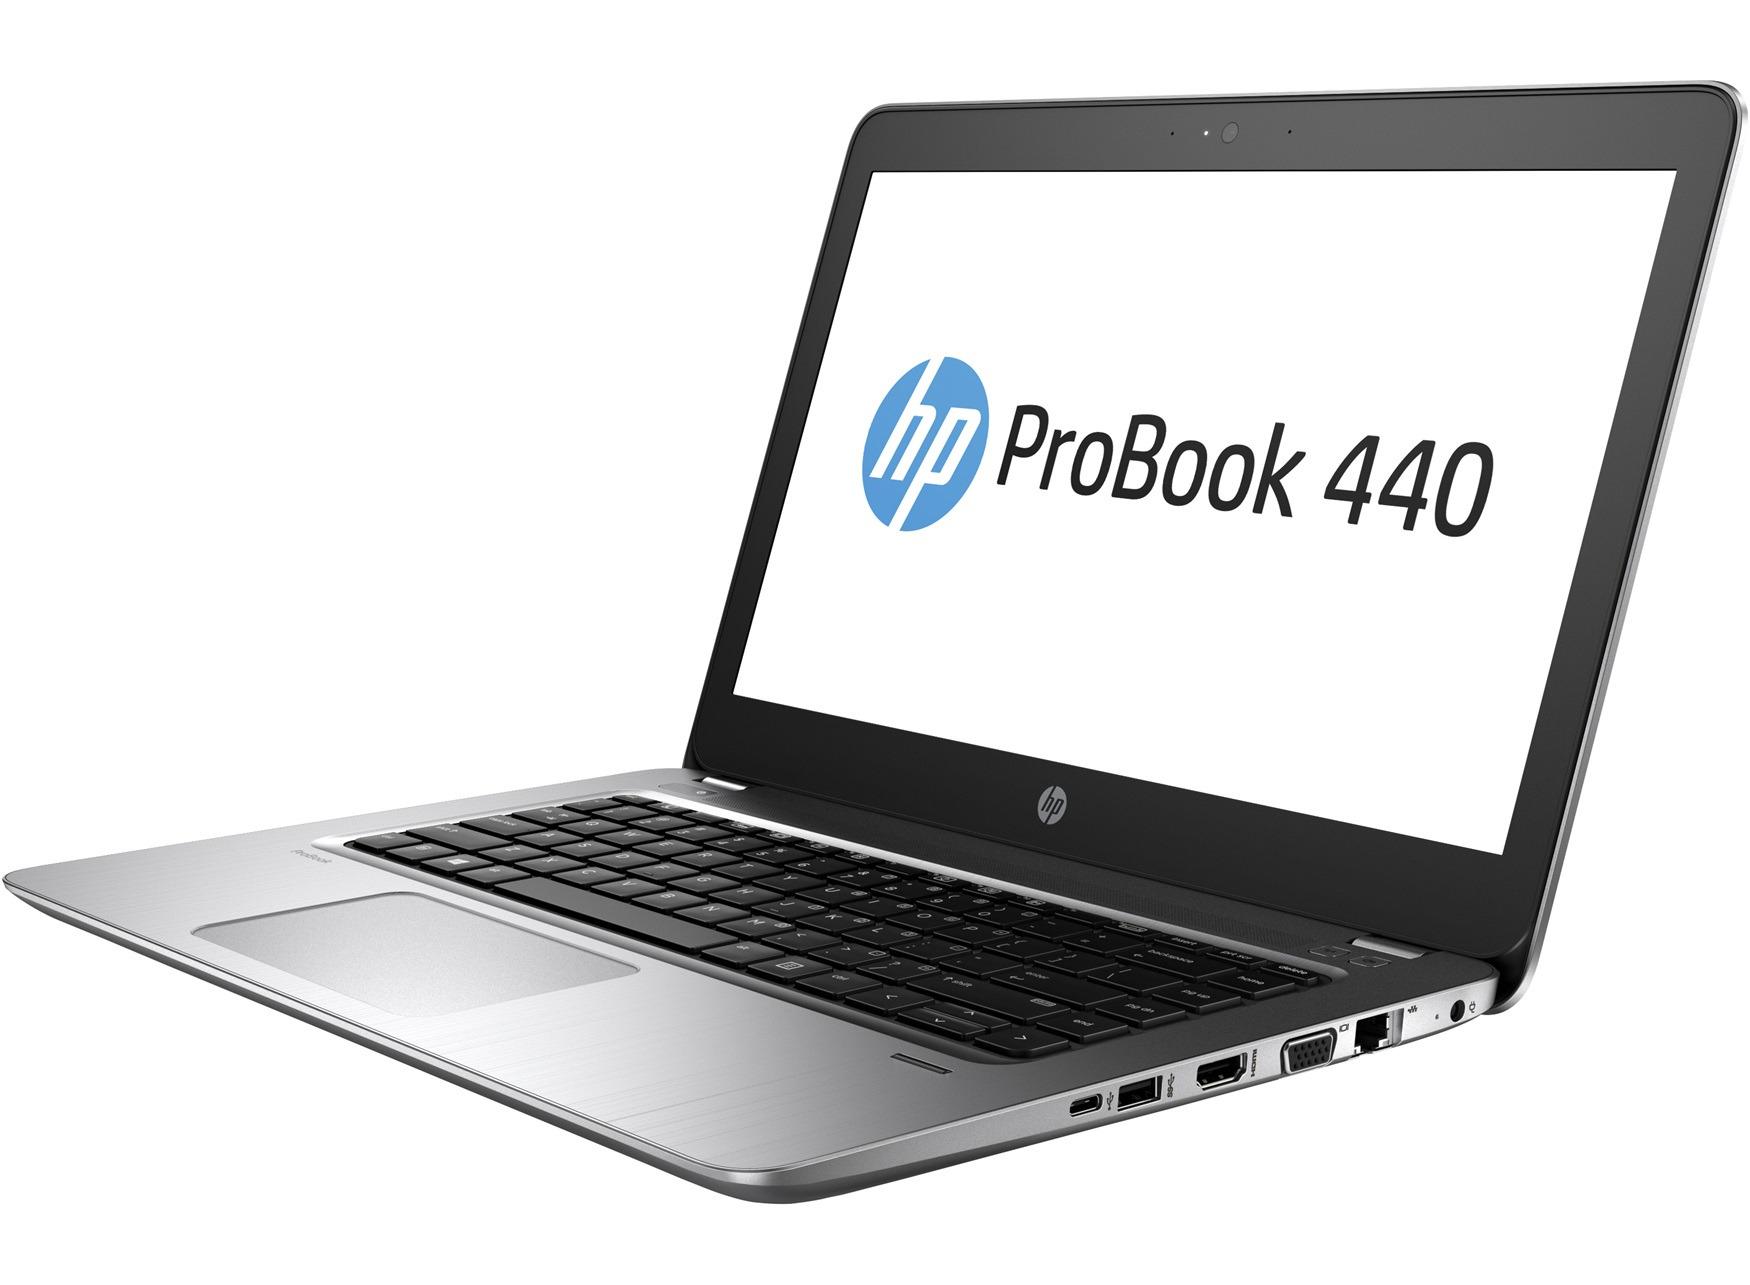 hp-probook-440_1629715735.jpg